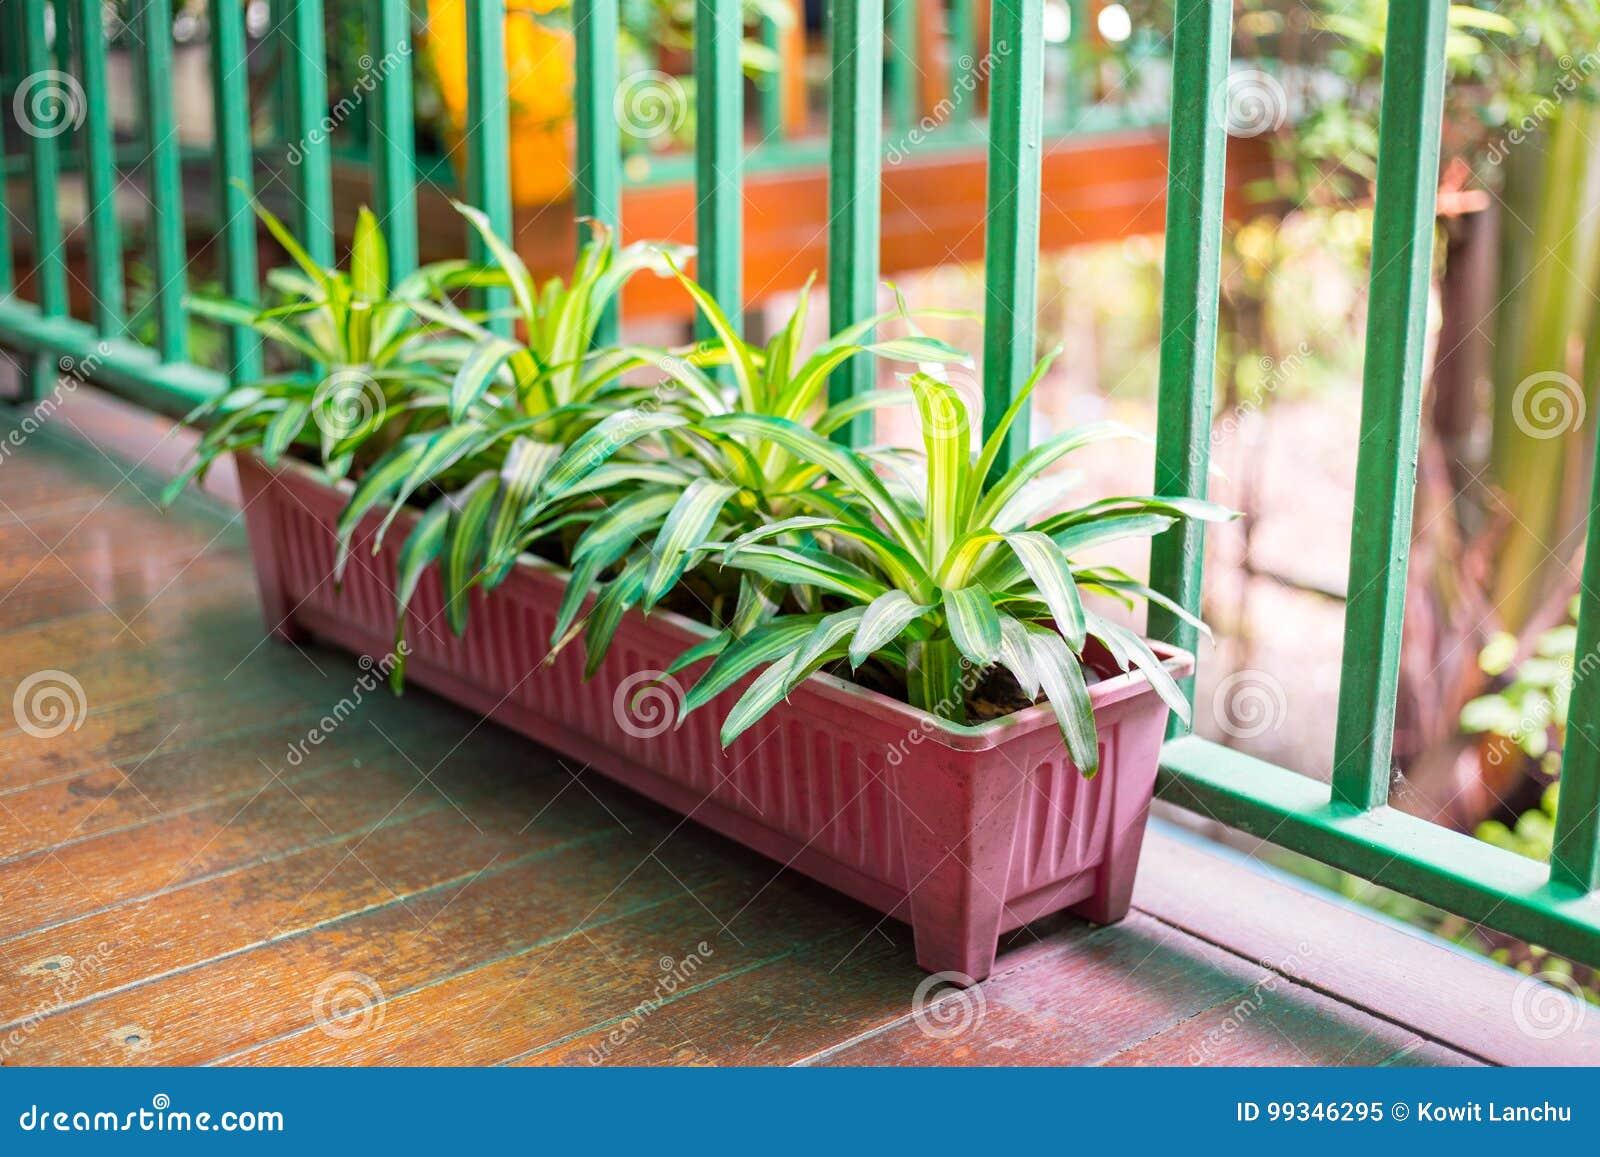 Arbre En Pot Terrasse terrasse dans la maison avec peu d'arbre dans le pot image